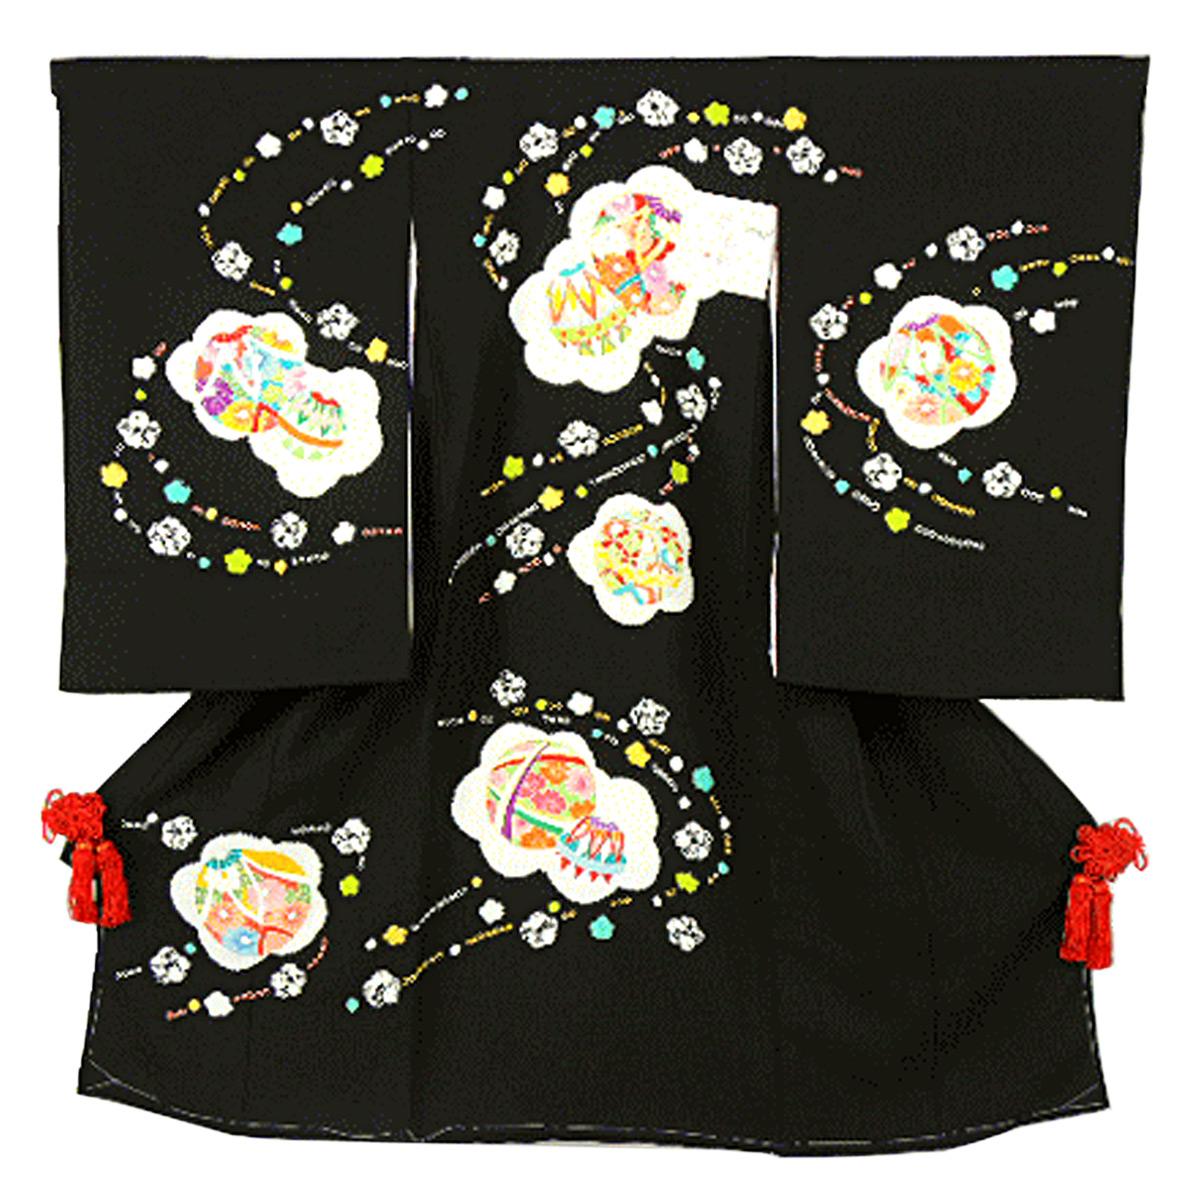 宮参り着物 -34- 熨斗目 女の子用 絹100% 絞り 黒 花柄